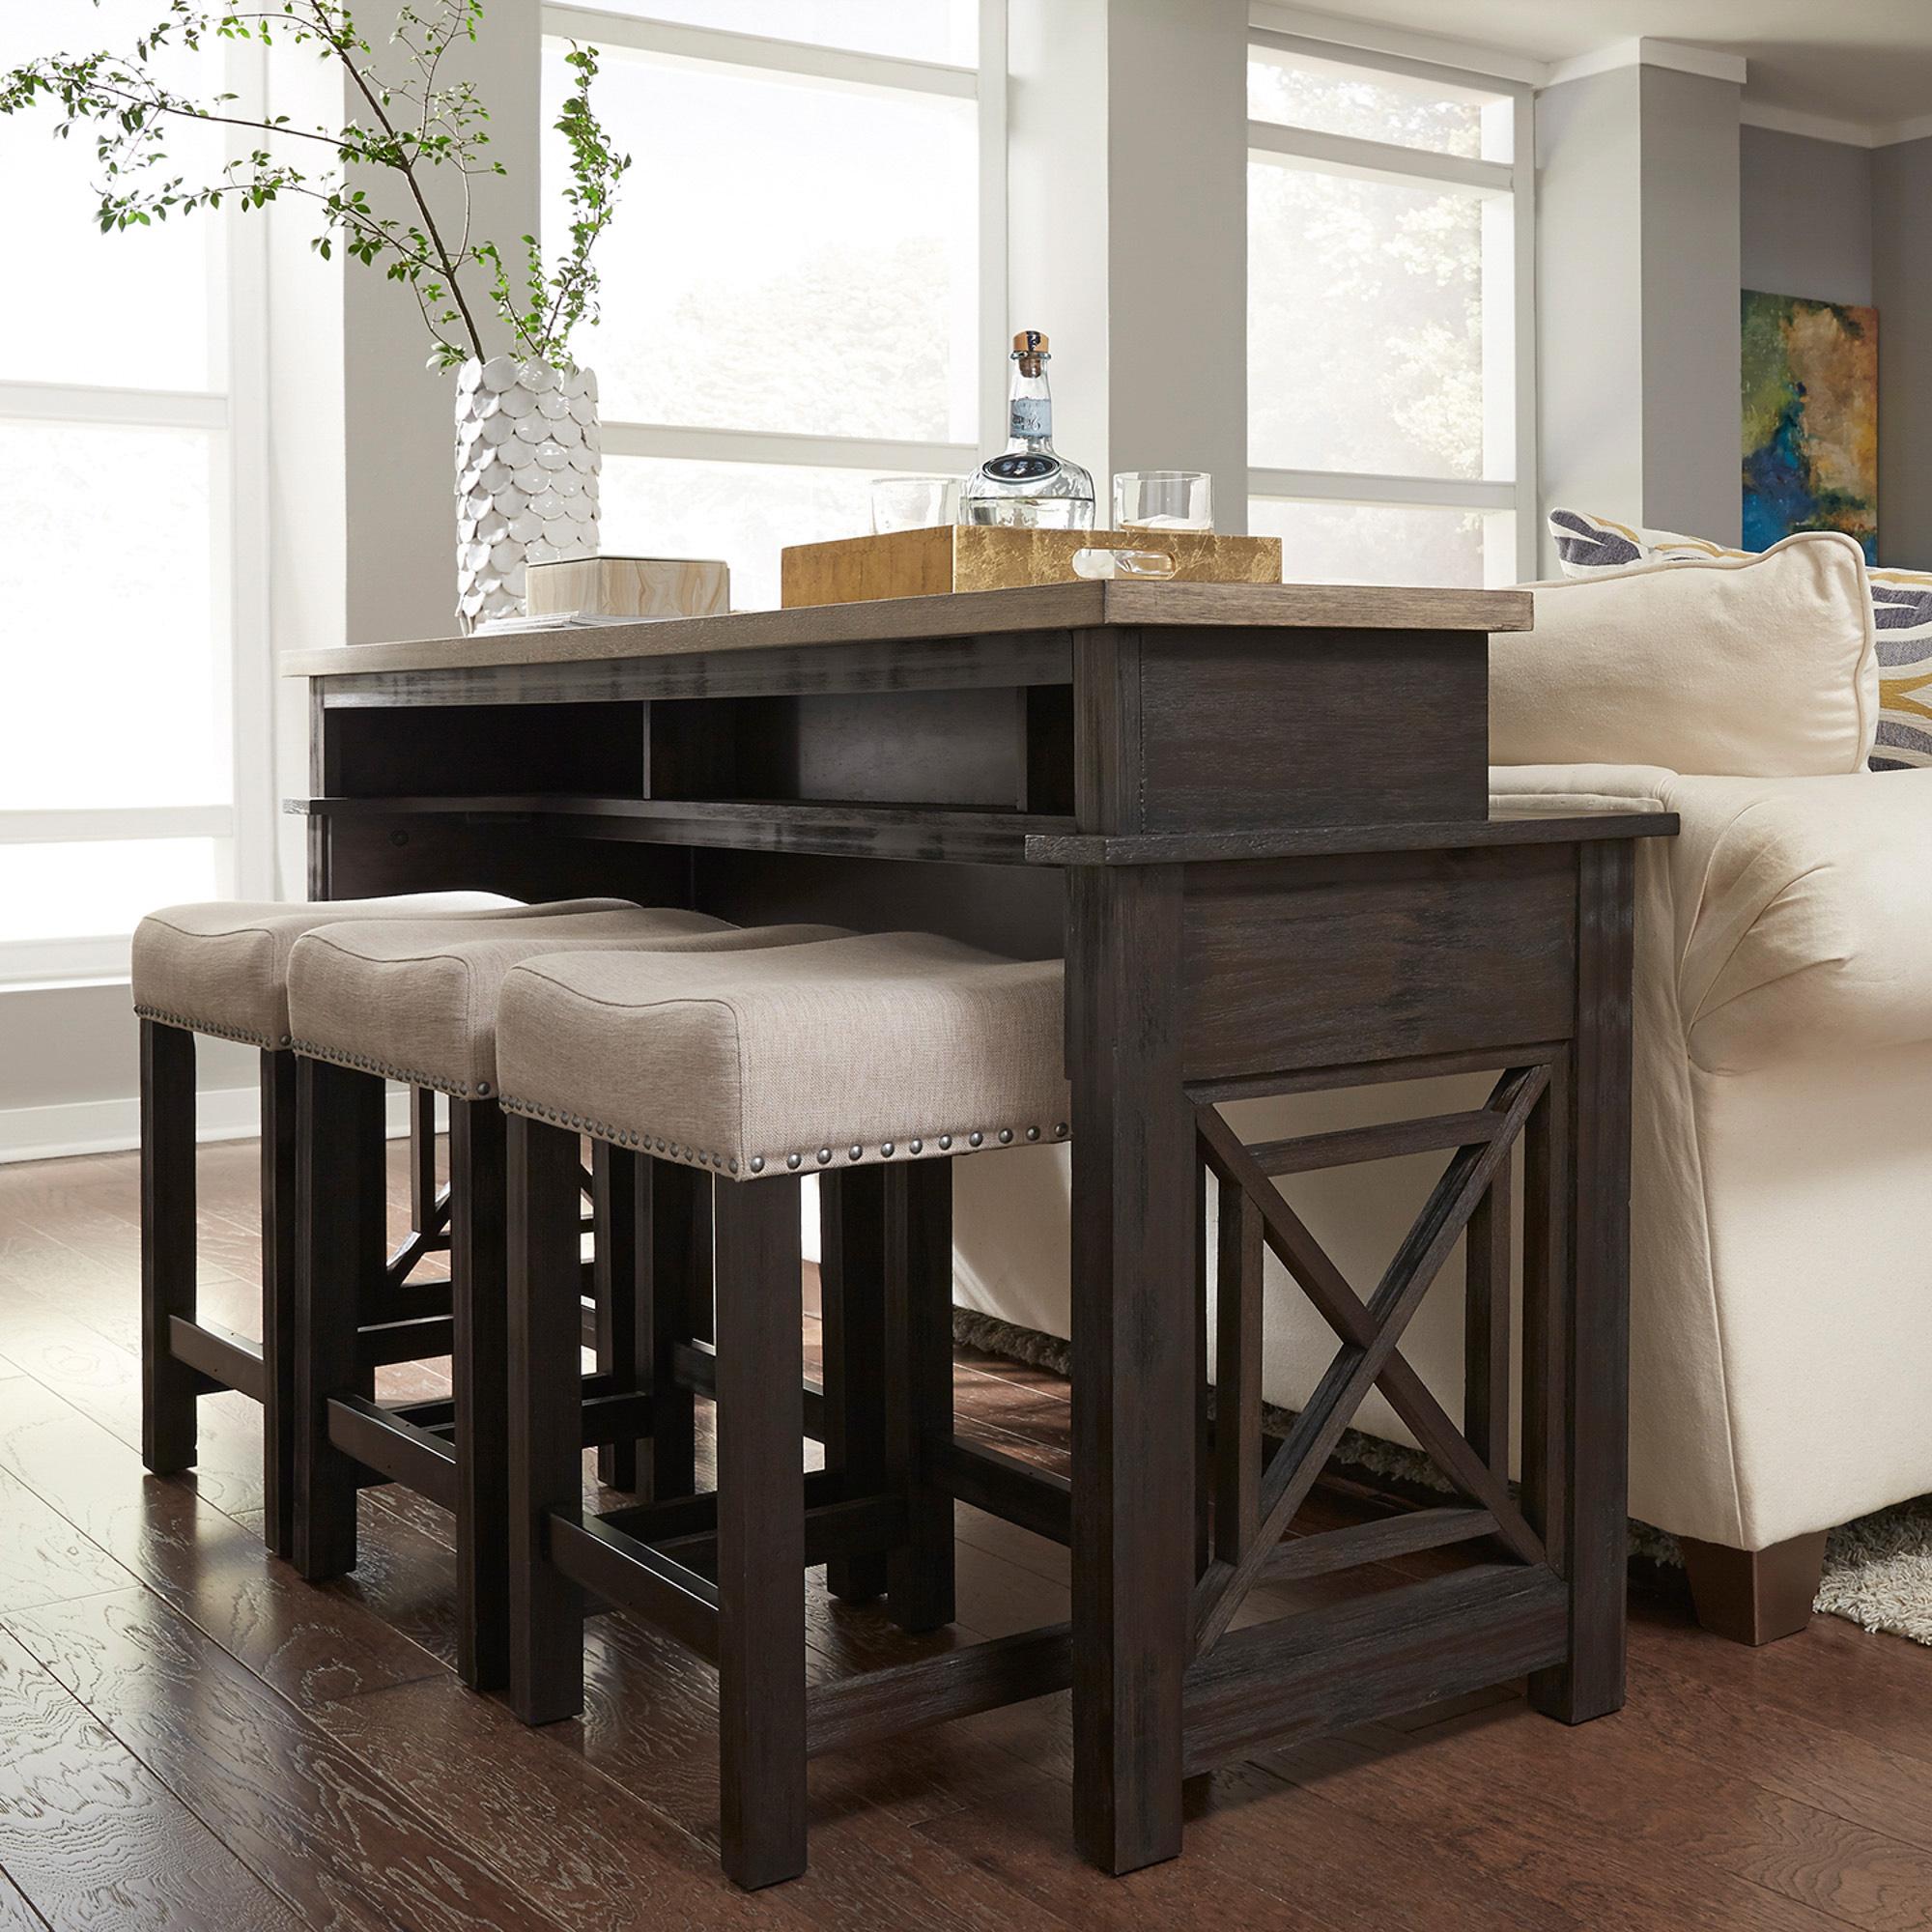 Arista Ceramic Garden Stools With Regard To Popular Liberty Furnitureliberty Furniture (View 21 of 30)